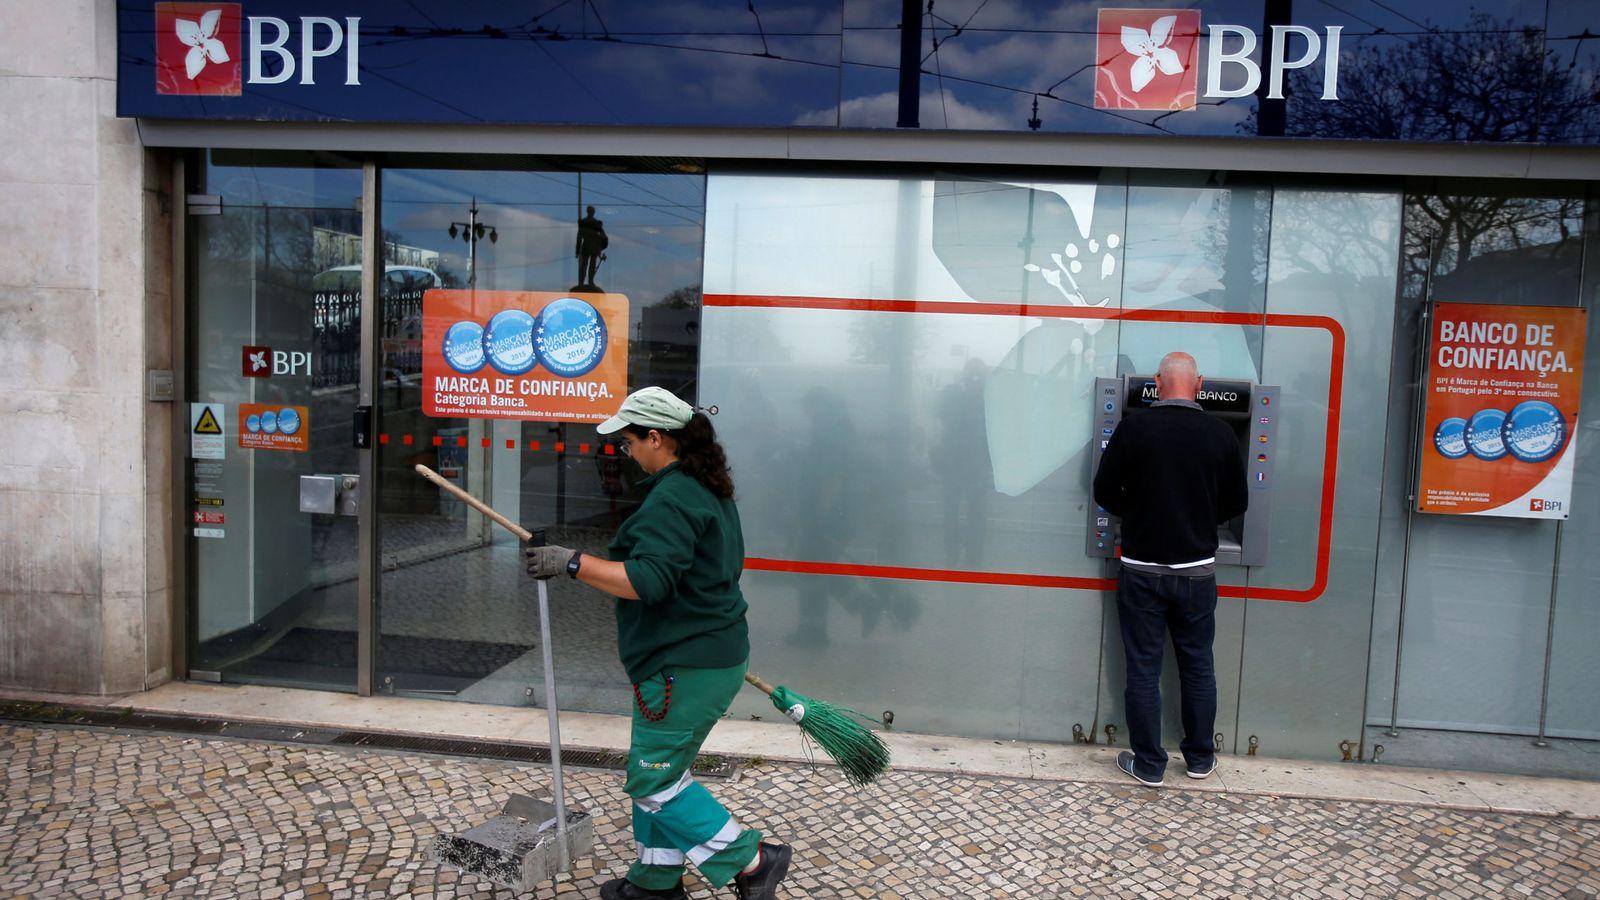 Noticias de caixabank caixabank reducir 900 empleos y for Oficinas caixabank madrid